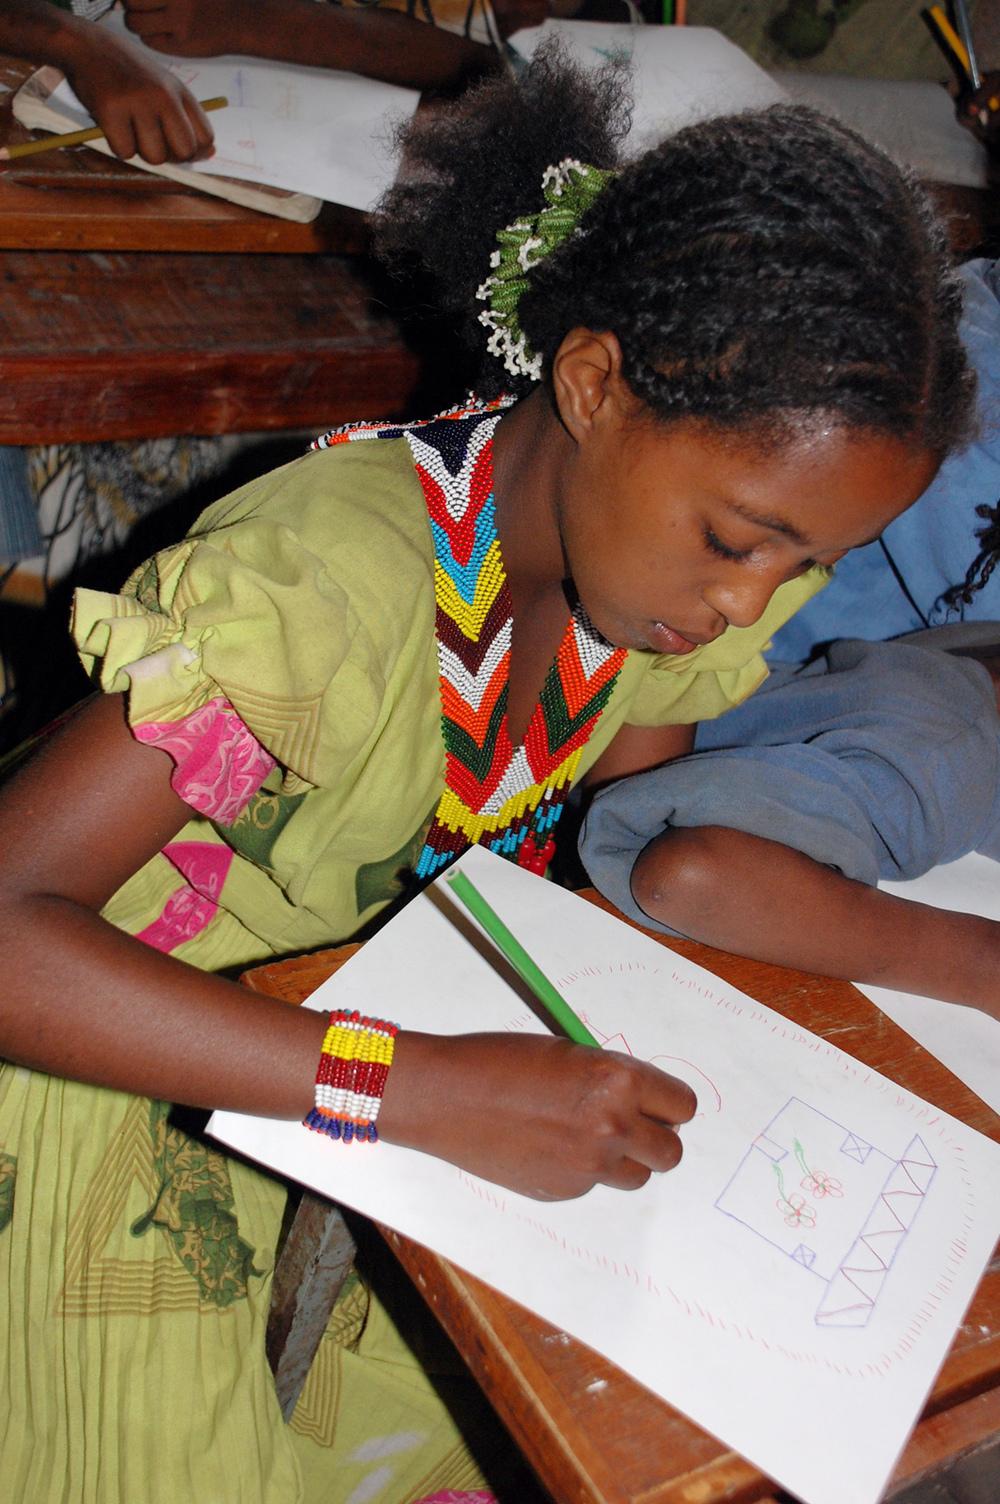 Young Oromo girl